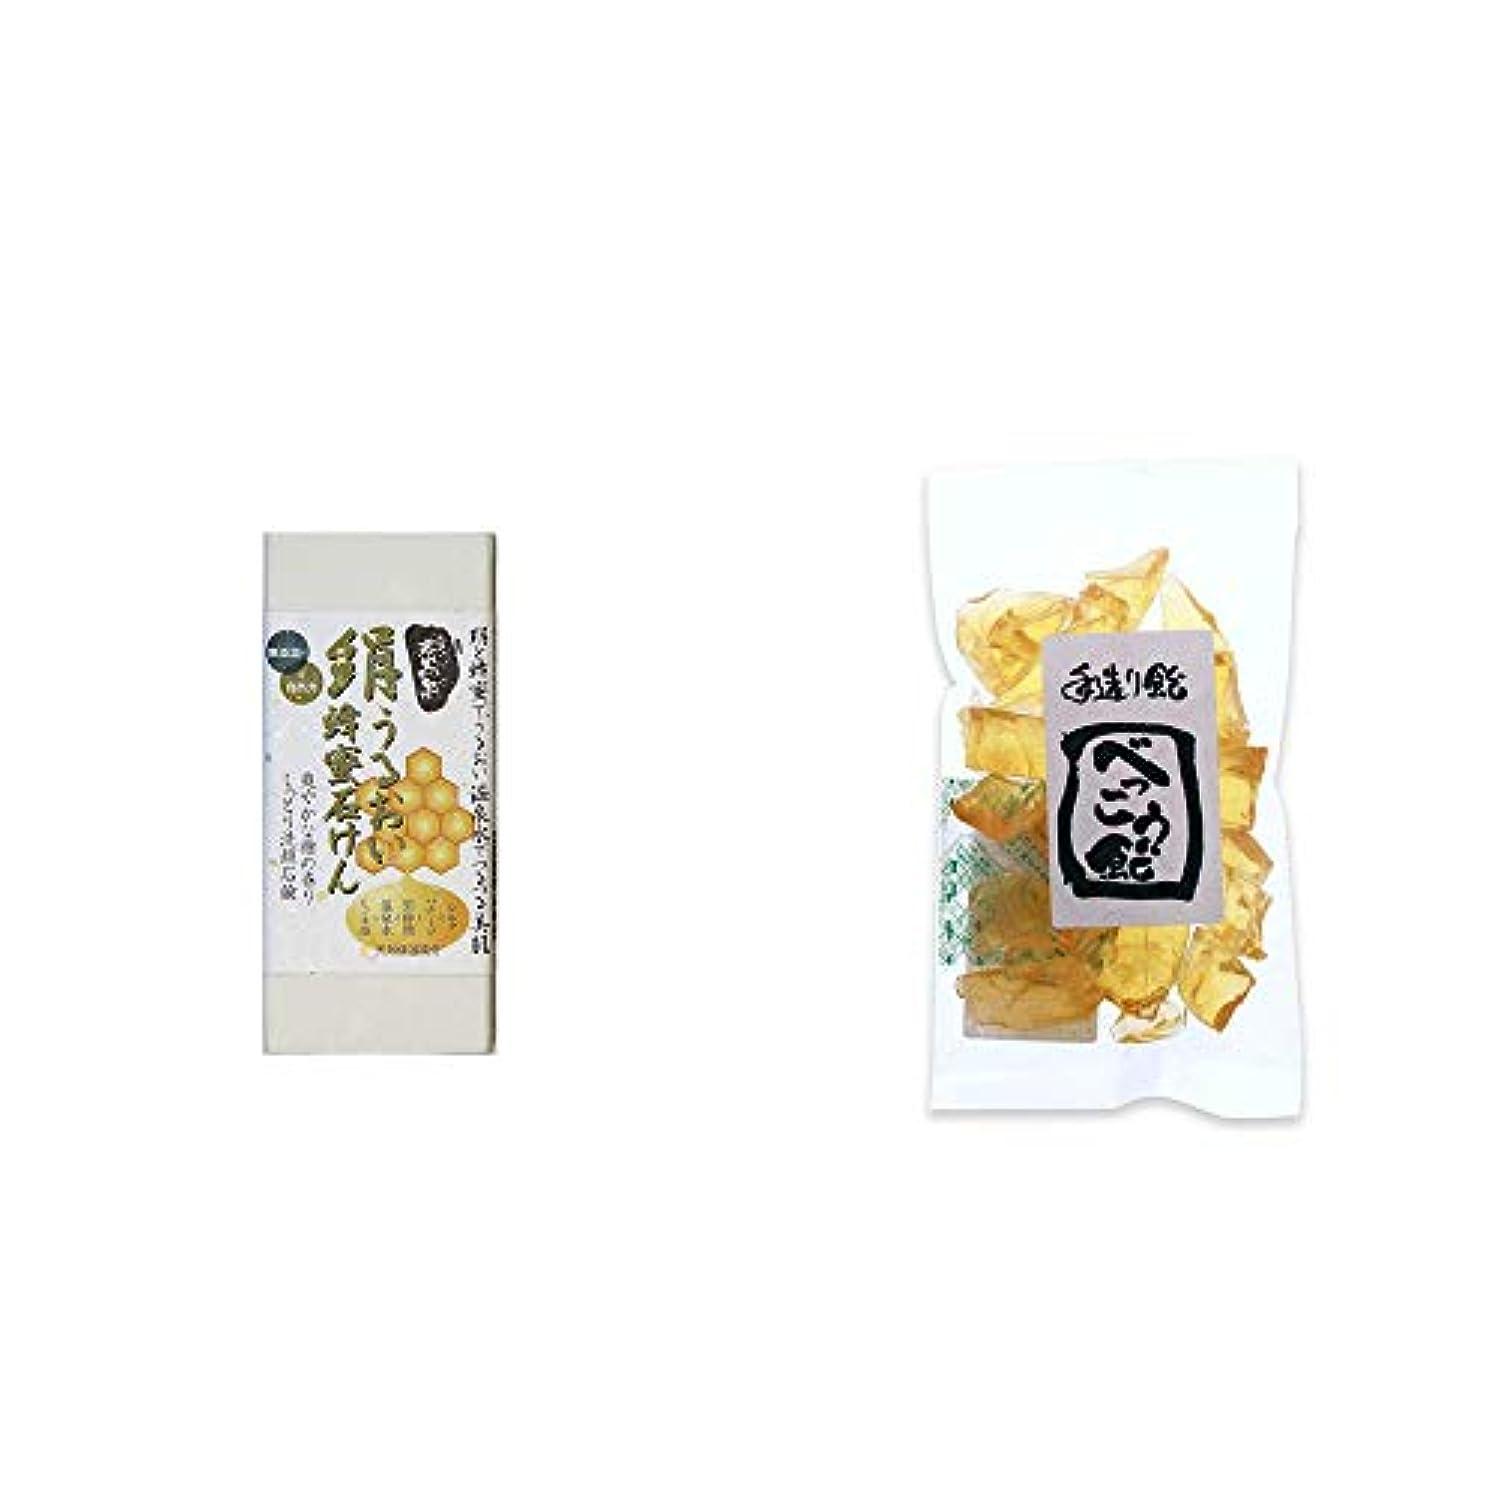 繊維診療所けがをする[2点セット] ひのき炭黒泉 絹うるおい蜂蜜石けん(75g×2)?べっこう飴(160g)